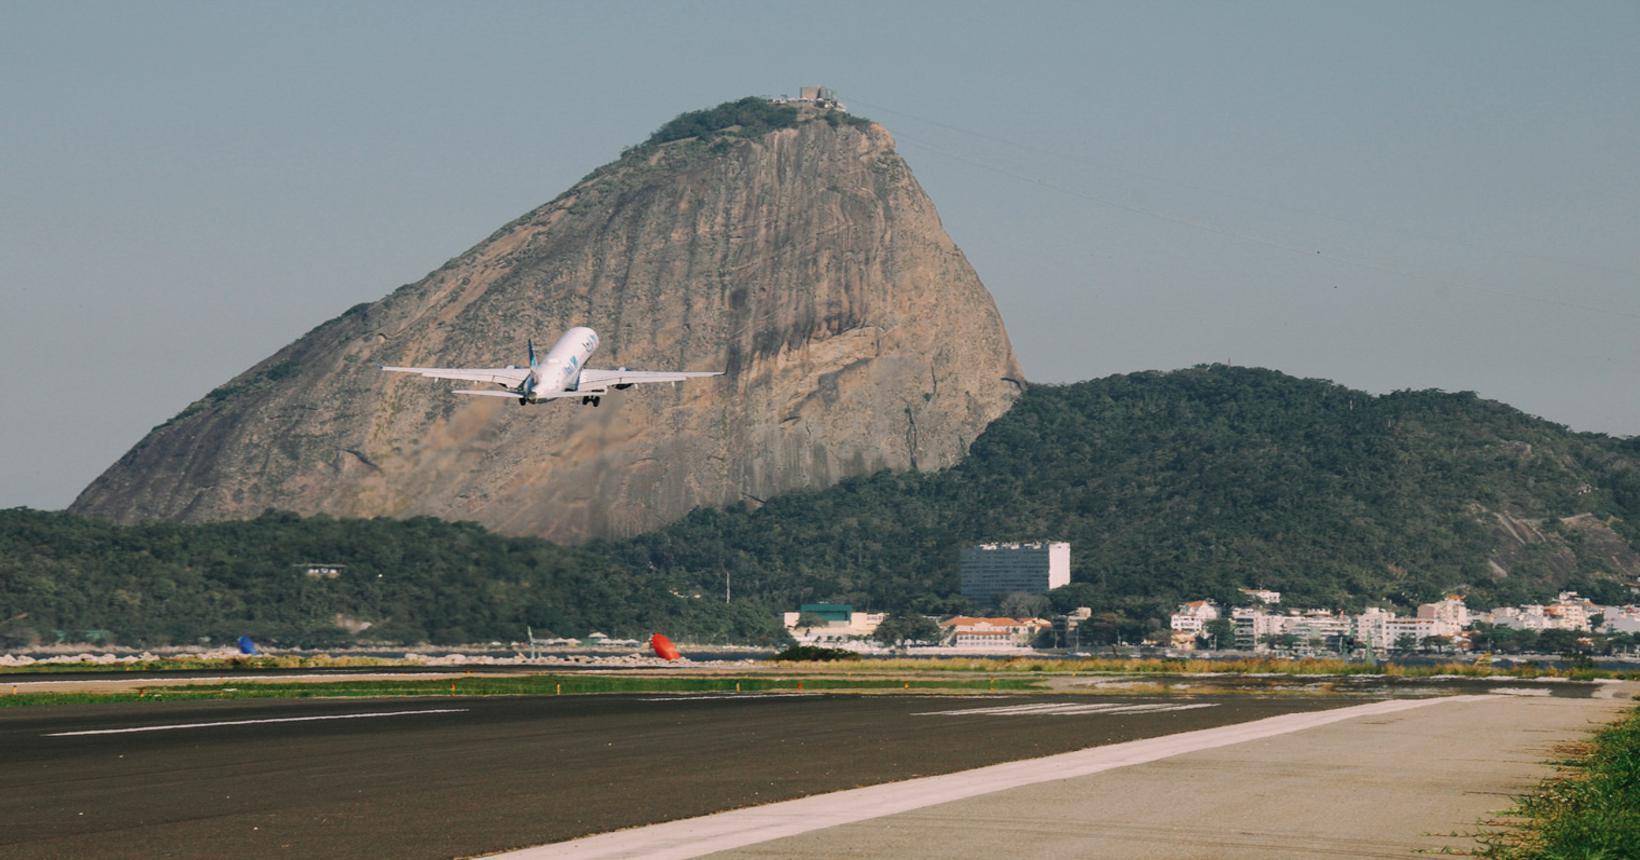 Pista principal do Aeroporto Santos Dumont, no Rio, fechará para reforma -  Maringá Turismo